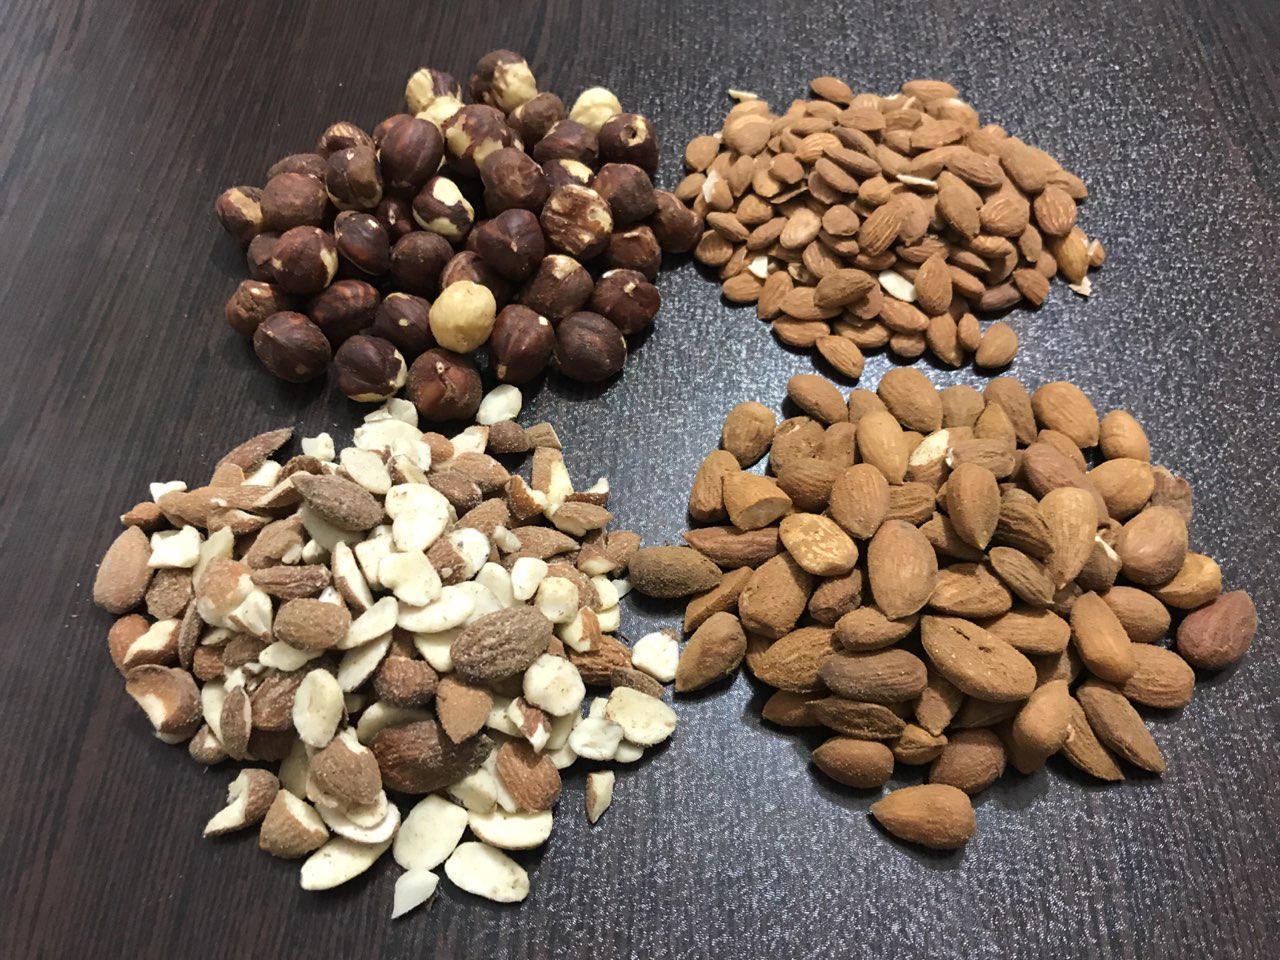 فروش دانه های روغنی – قیمت دانه های روغنی و مغزهای خوراکی و